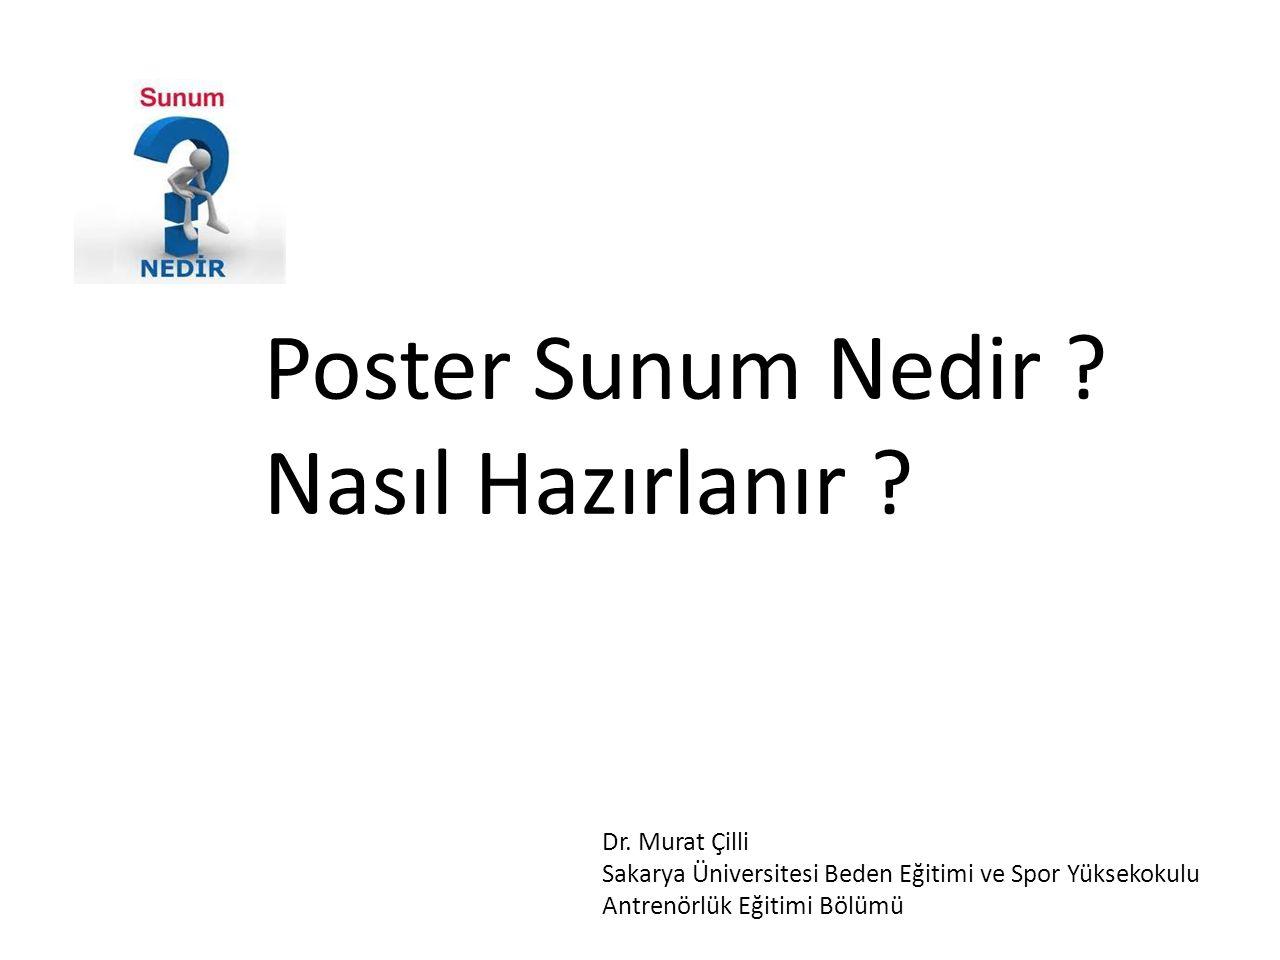 Bilimsel ya da akademik bir poster; bilimsel bir çalışmanın sonuçlarının görsel unsurlar ve anlamlı özetlemeler kullanılarak belirli boyutlarda düzenlenmesi ile ortaya çıkan görsel sunum şekli olarak adlandırılabilir.